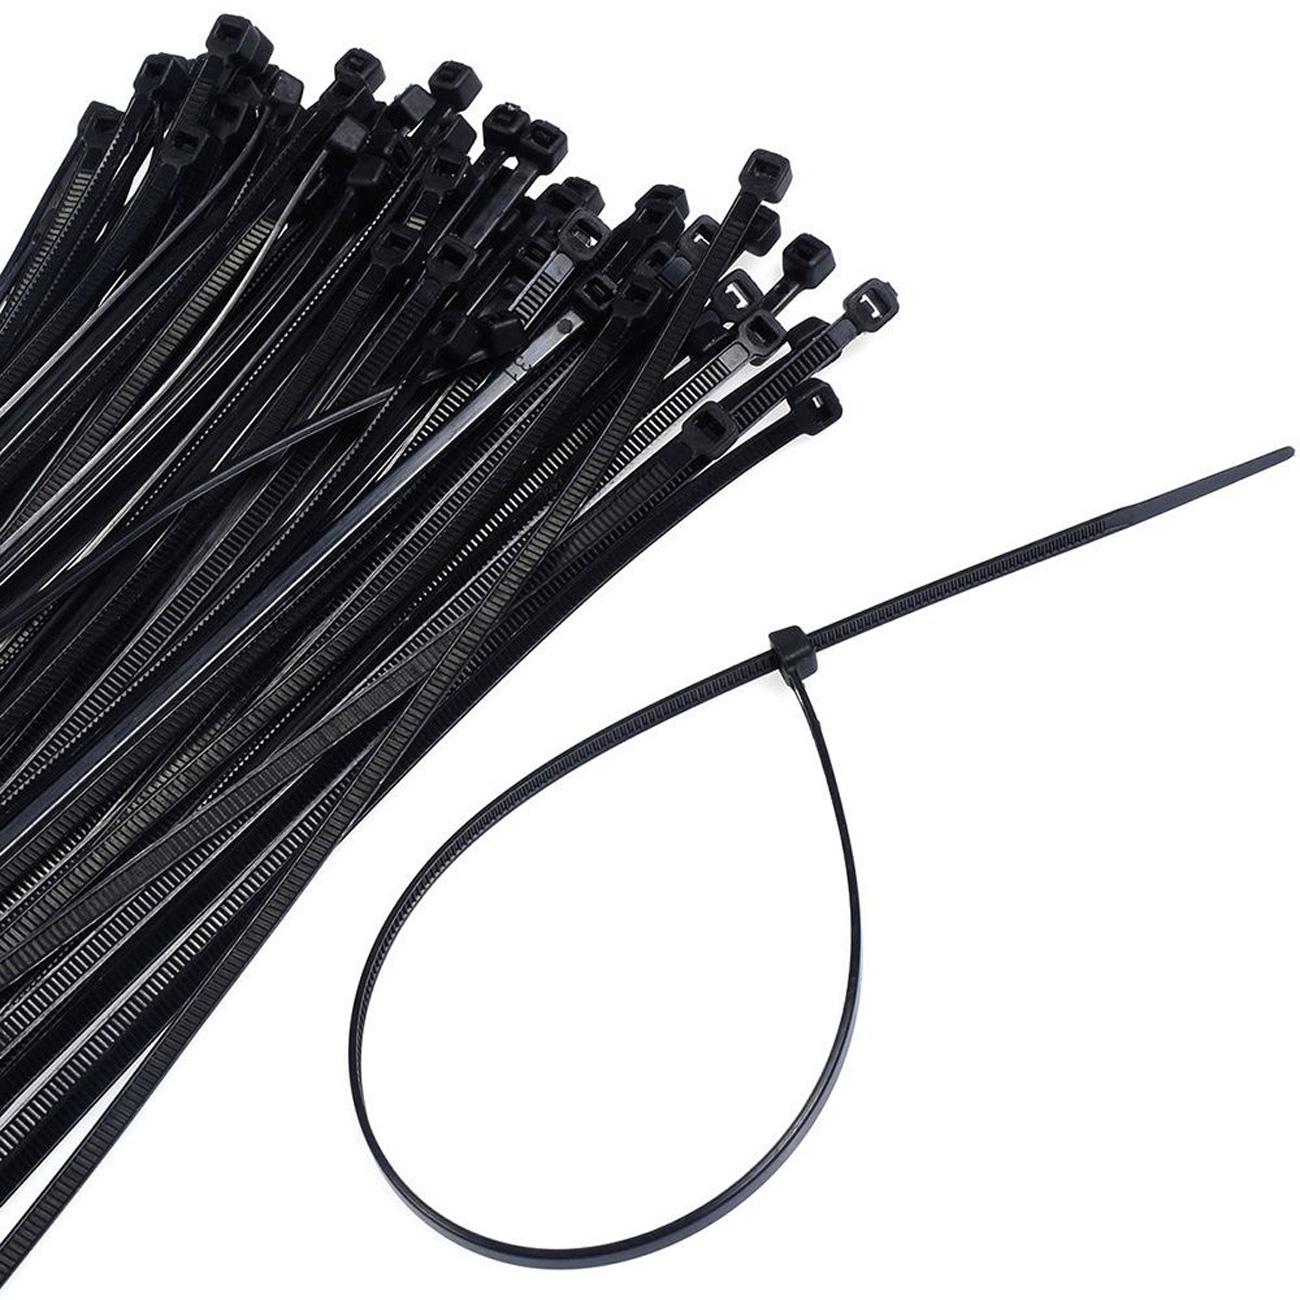 Kabelbinder Set